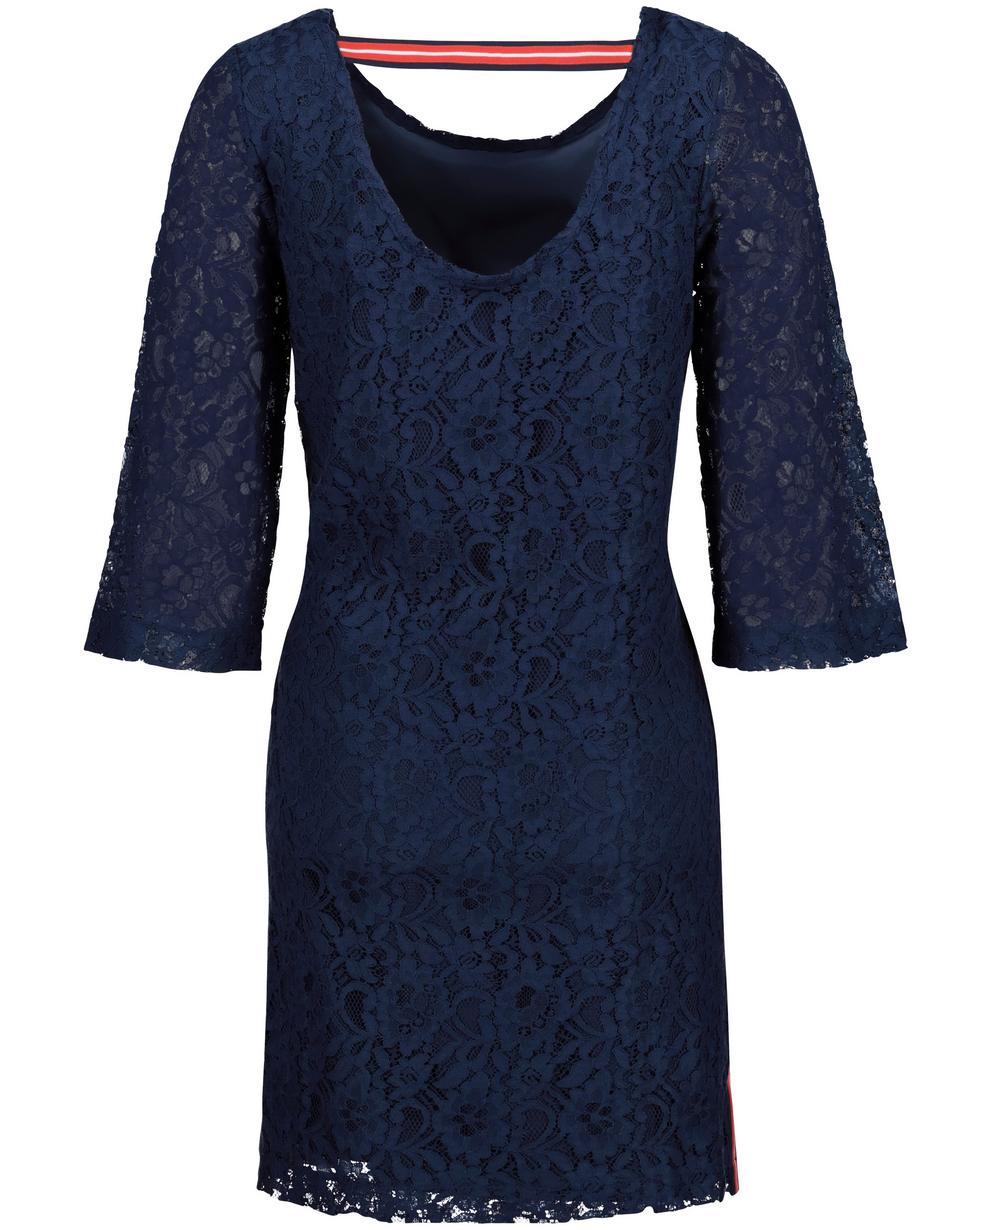 89f41f15a8320f Jurken - BLD - Nachtblauwe jurk